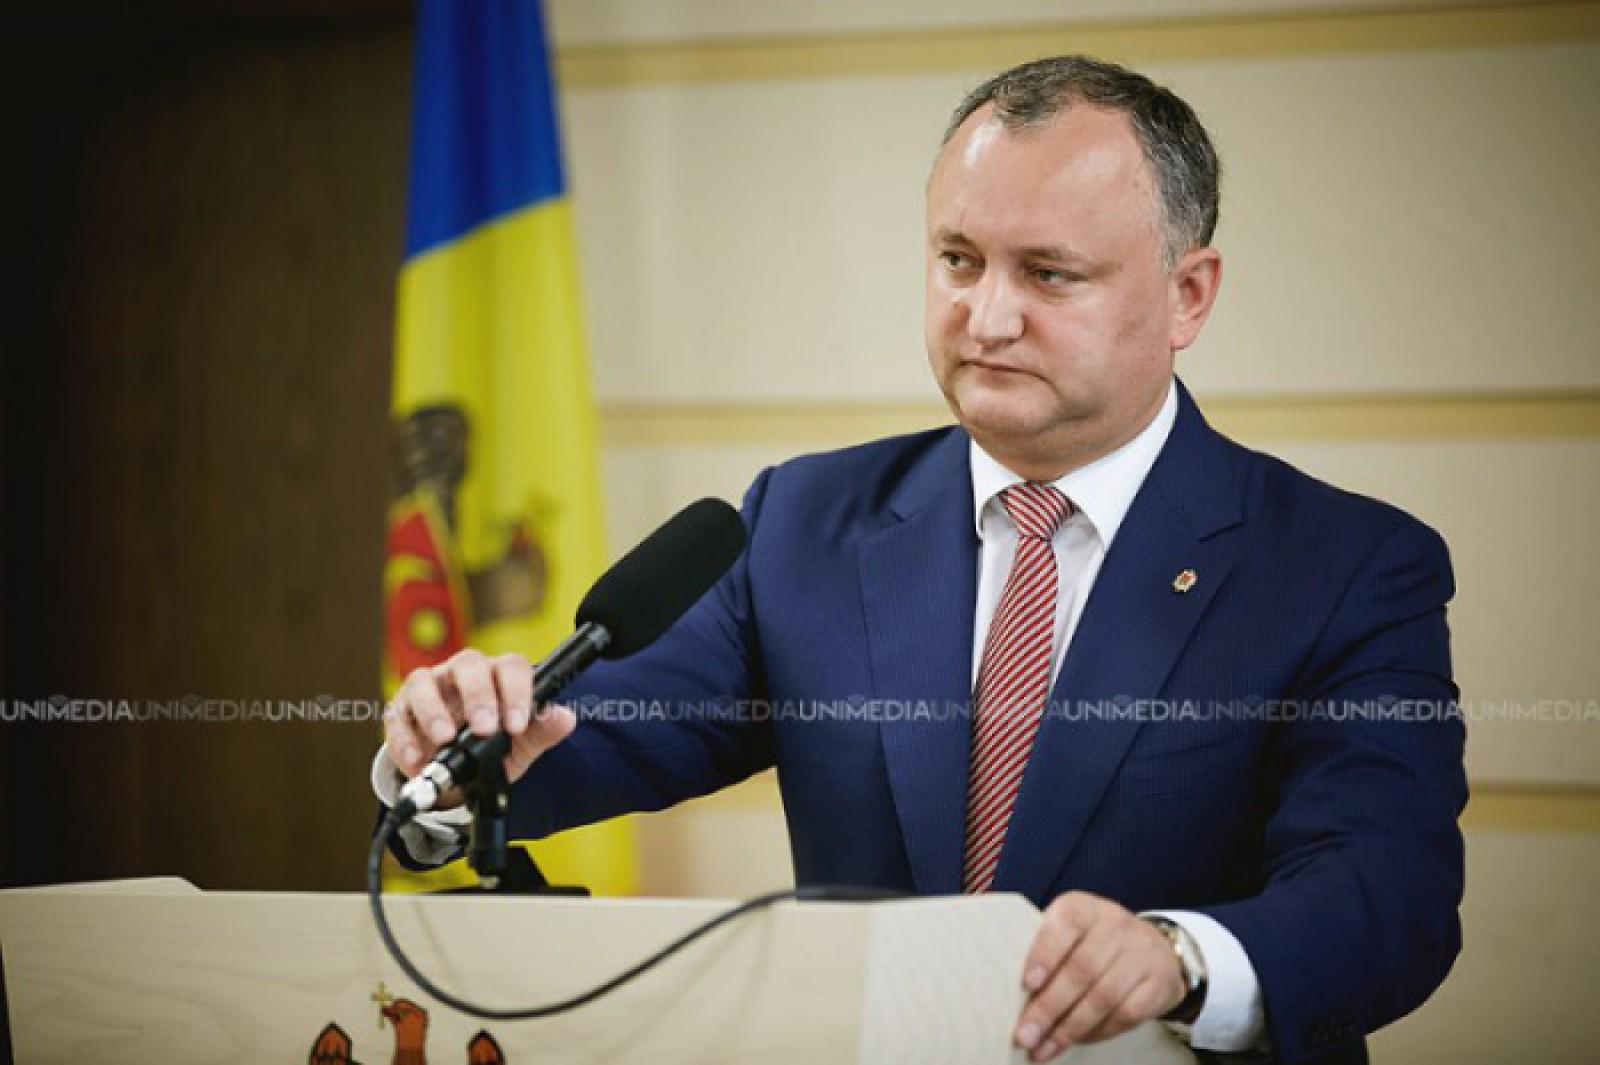 Imaginea zilei: Trei președinți ai Republicii Moldova într-o singură fotografie